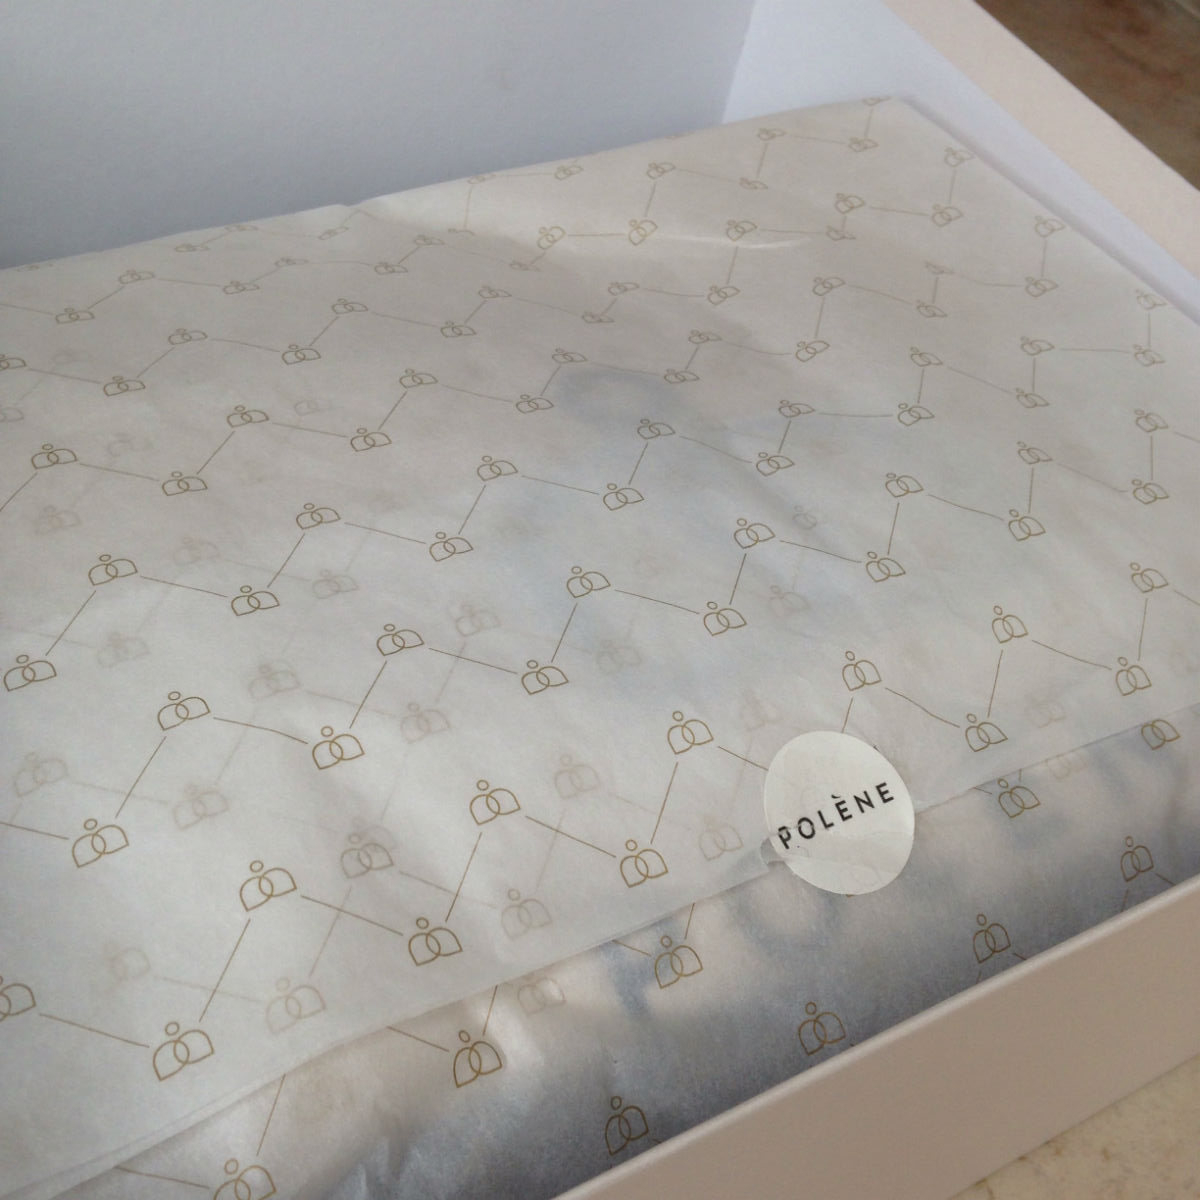 emballage sac polene paris